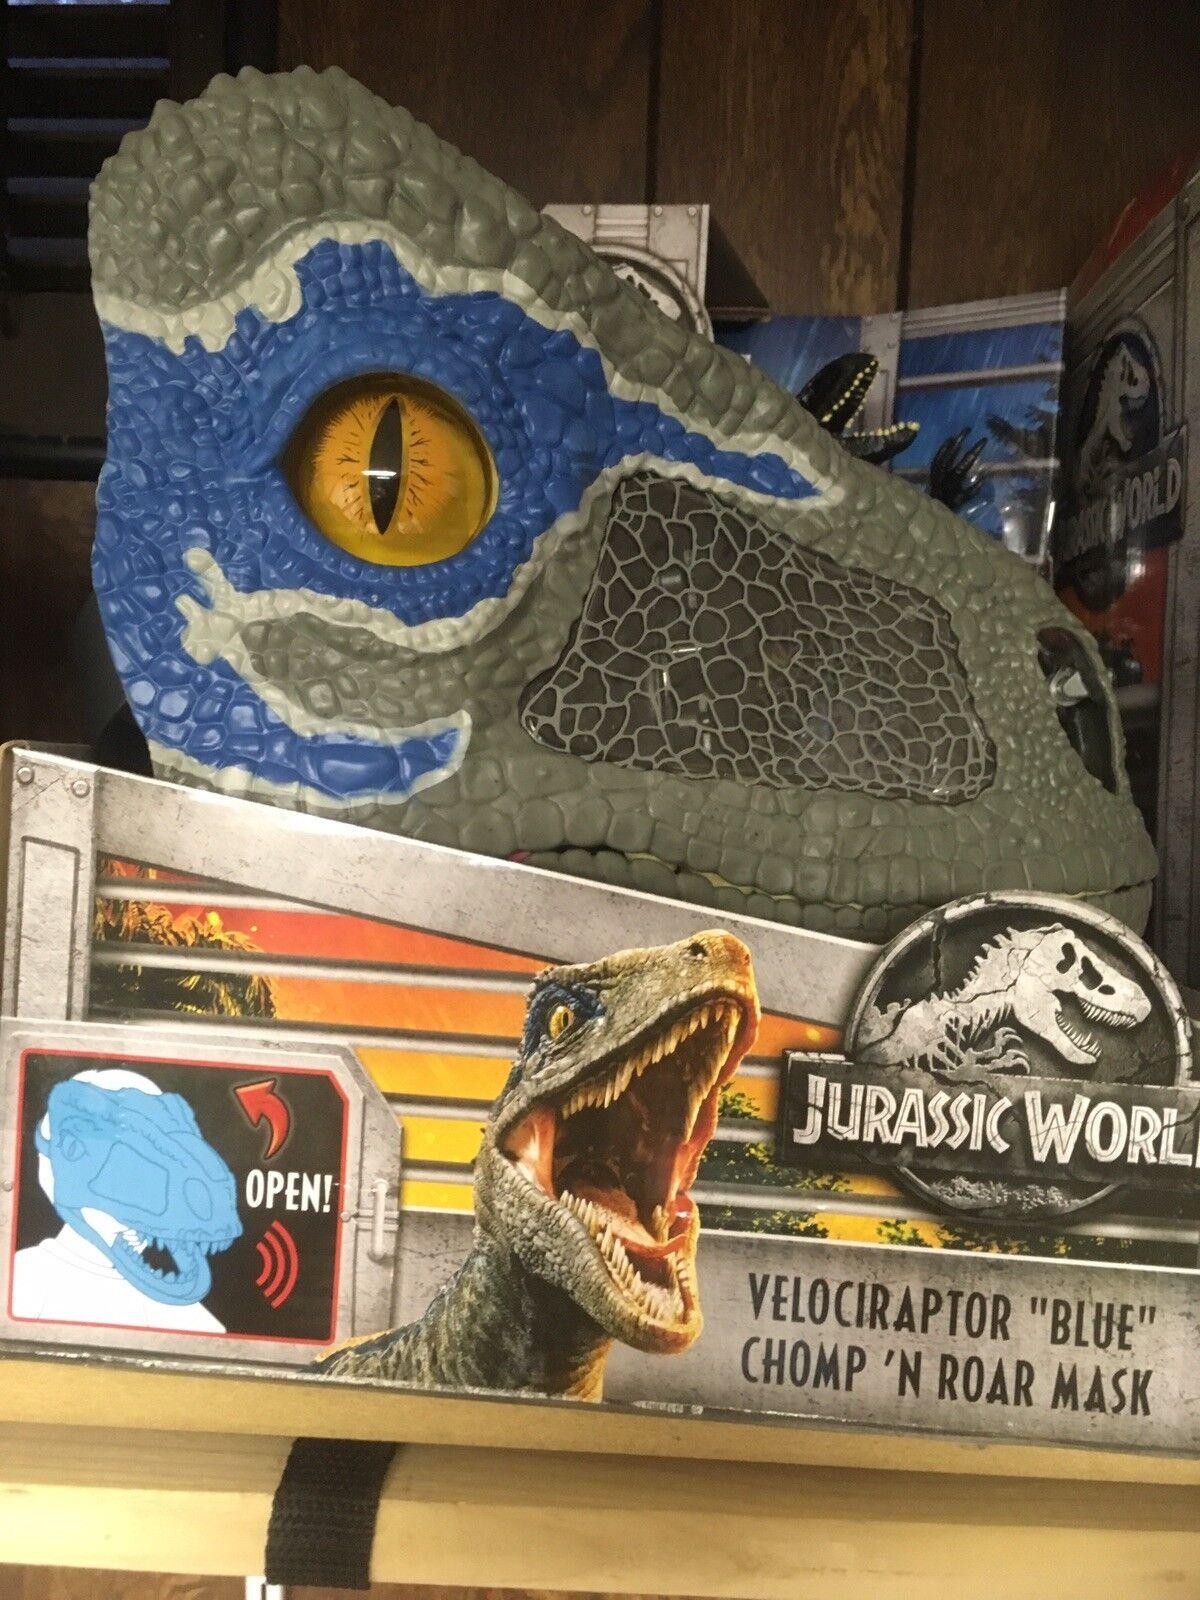 Jurassic World Velociraptor bluee Chomp 'N Roar Mask NEW Sealed